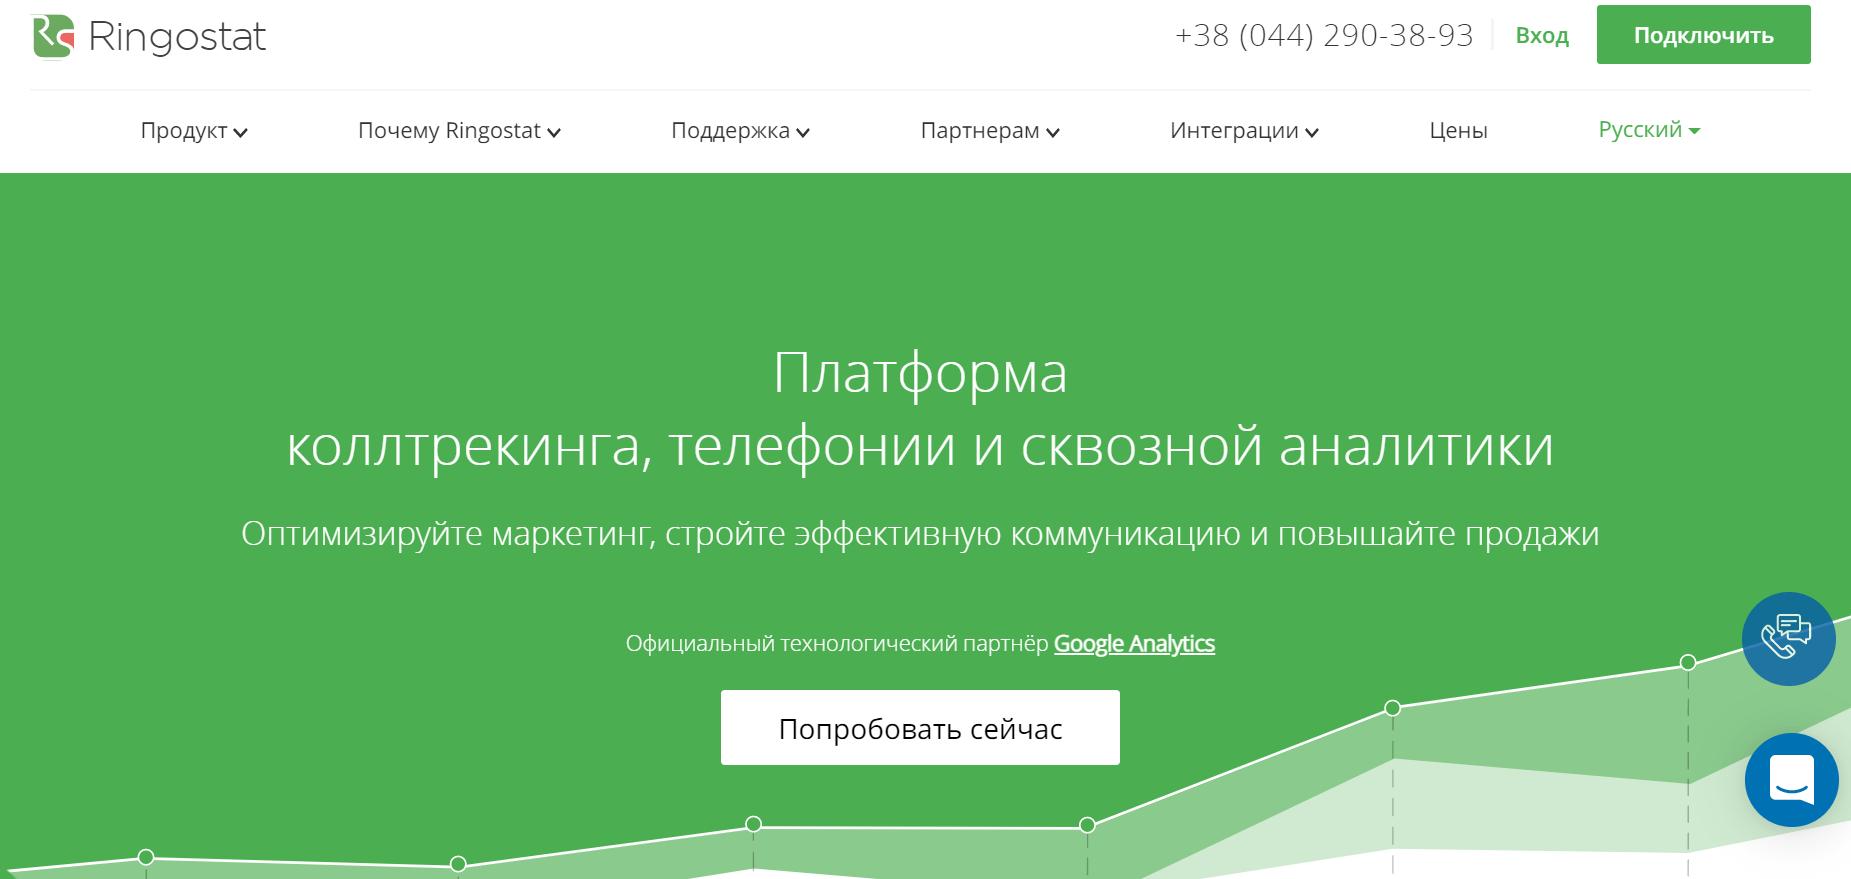 Обновленный сайт Ringostat